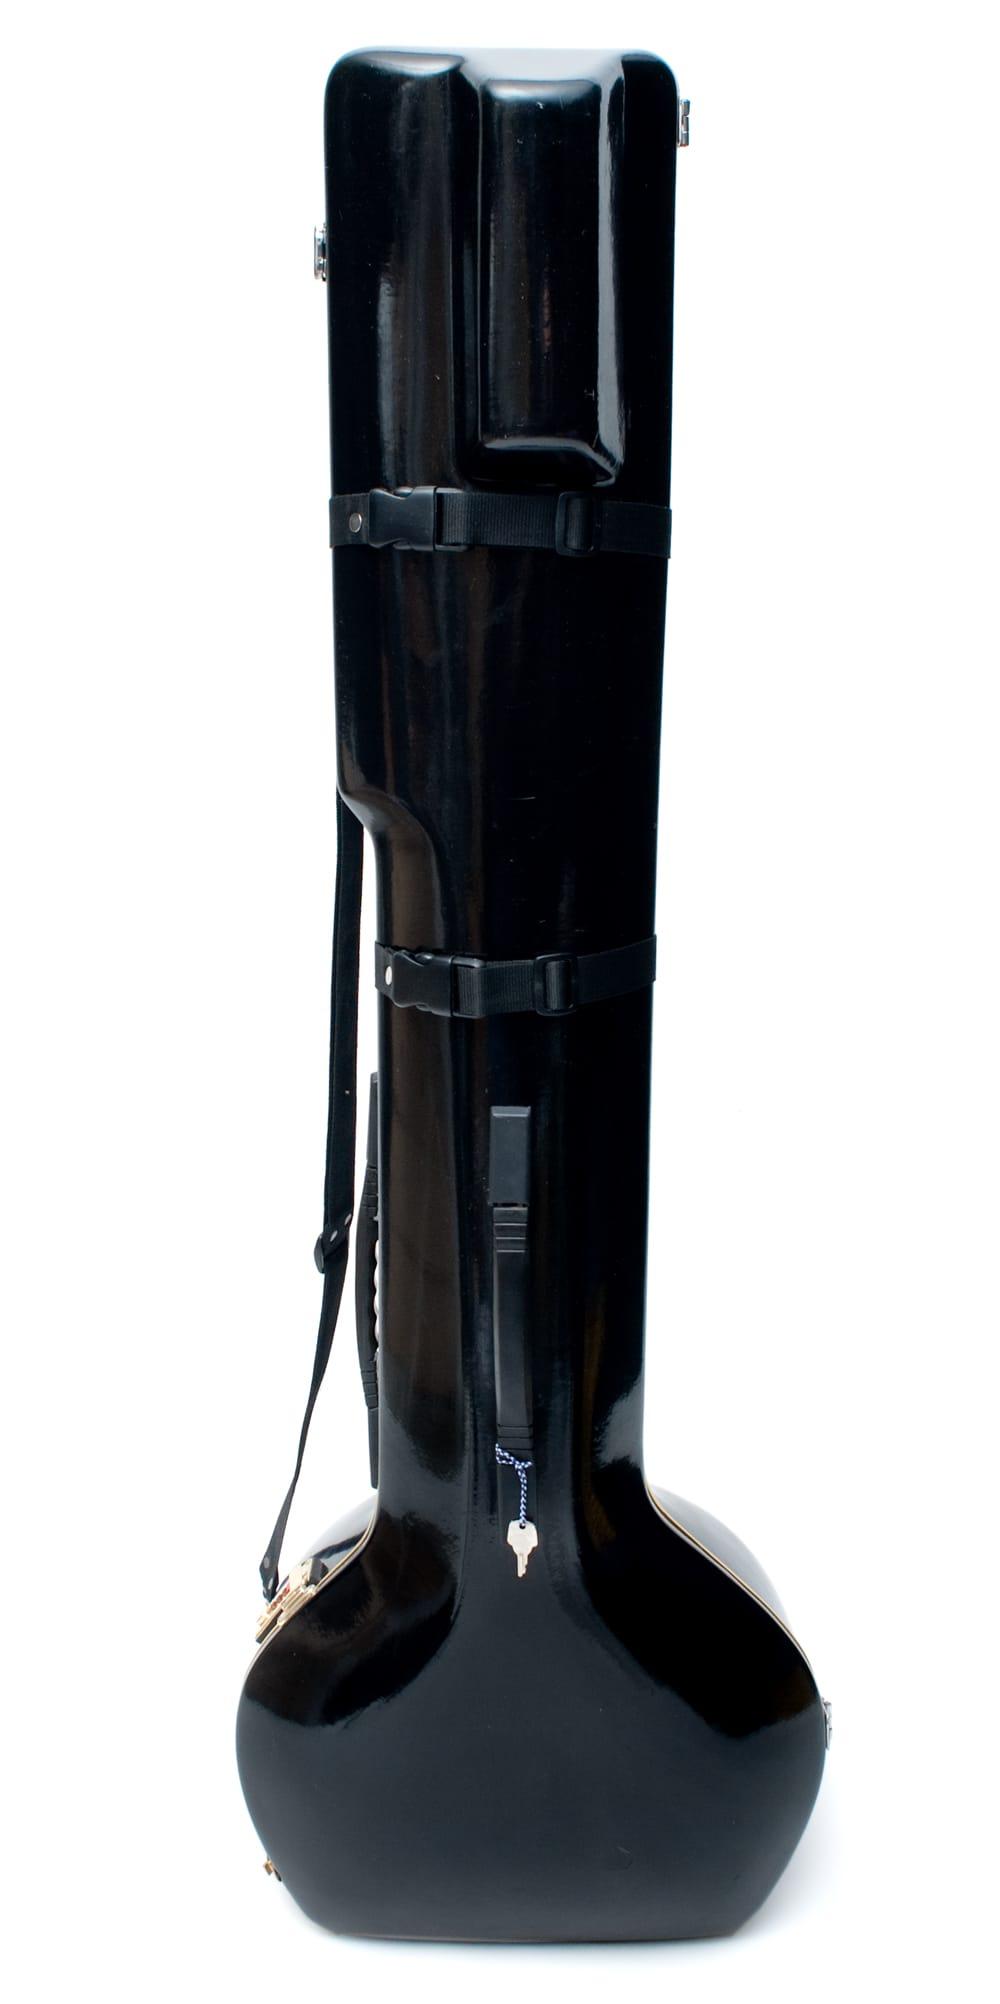 シタールセット(グラスファイバーケース) 8 - 安心のグラスファイバーケース付き!